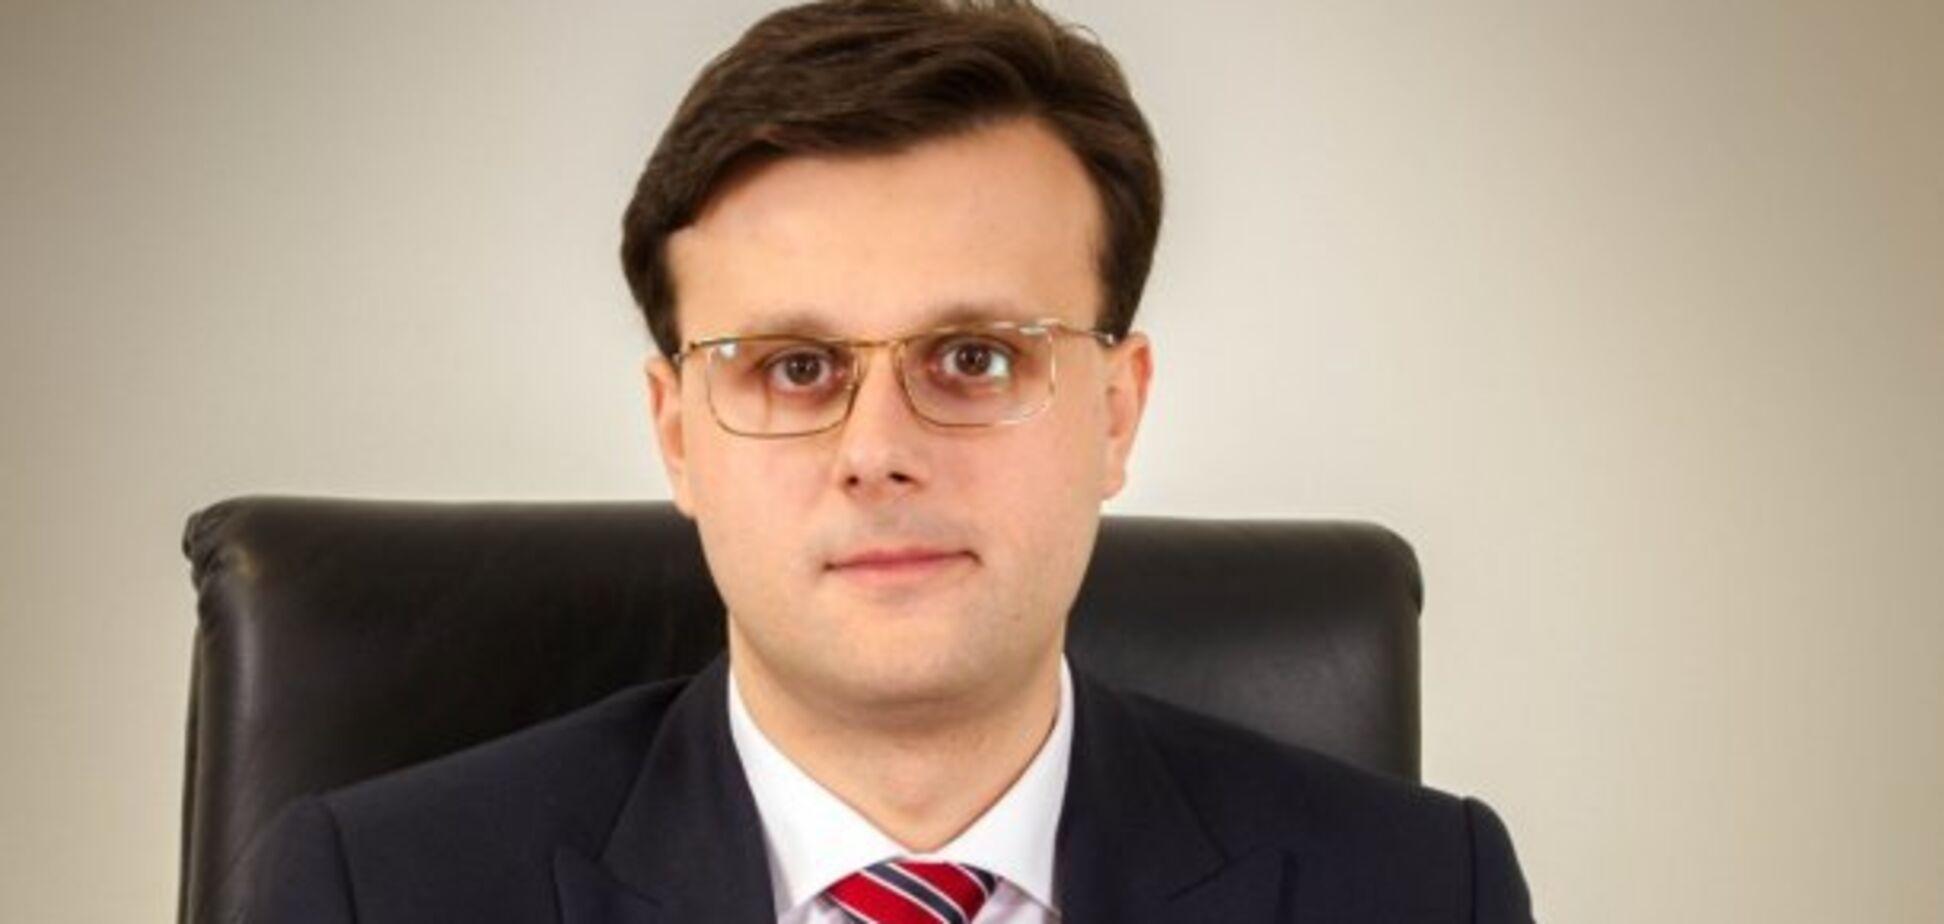 Галасюк назвал ударом по промышленности резкое повышение ж/д тарифов